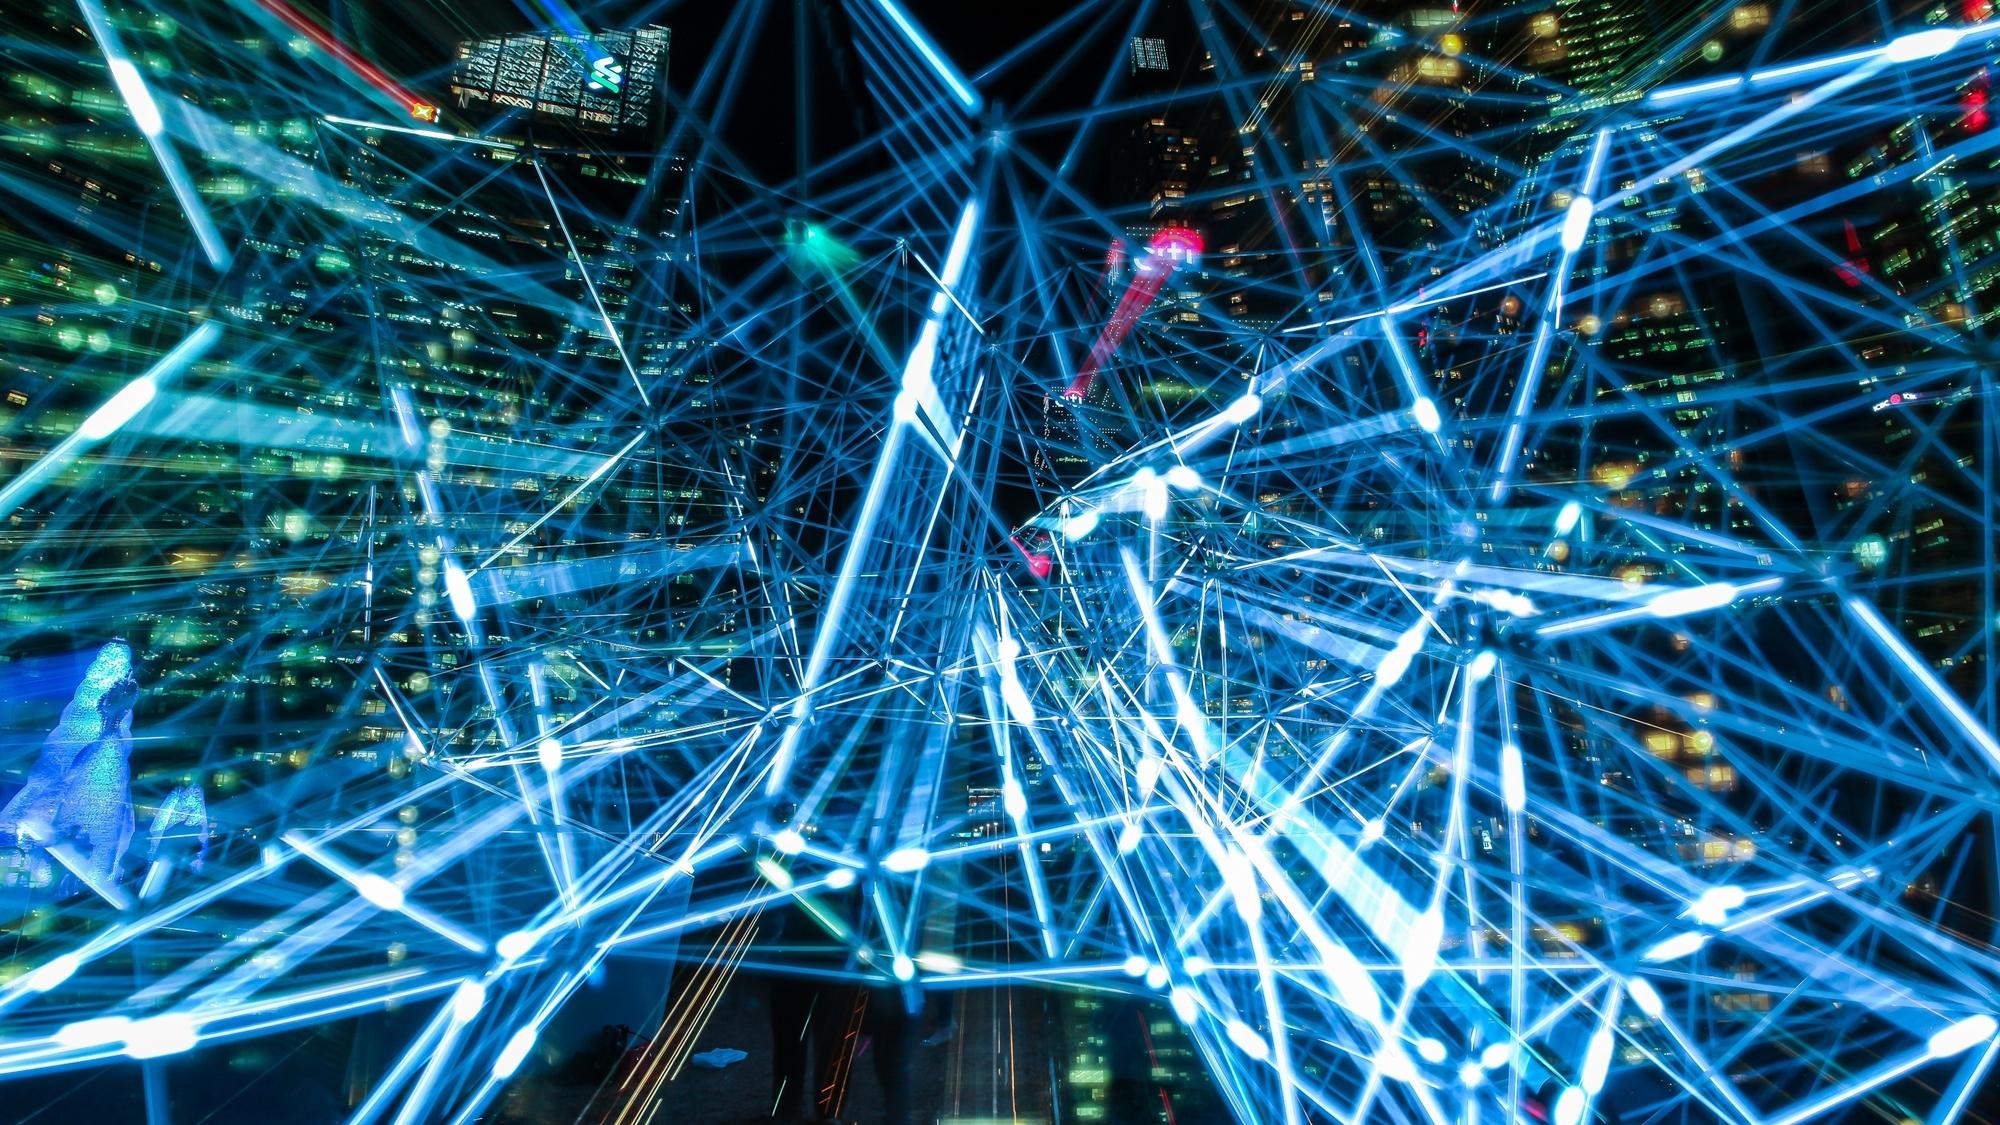 Industria de las TIC decrecerá 4.1% por pandemia del Covid19: IDC